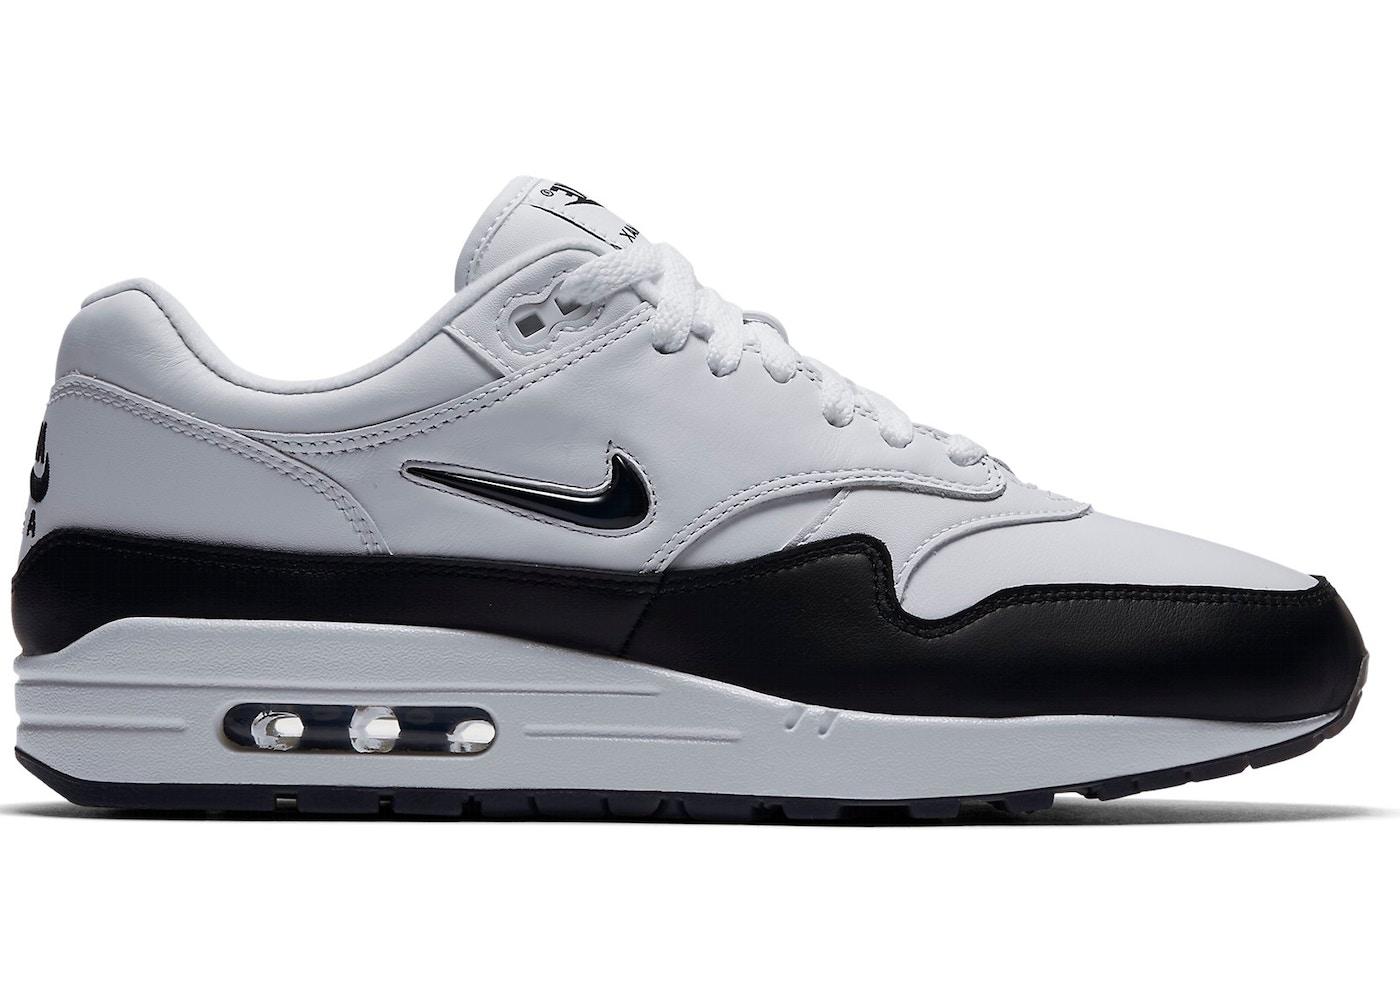 premium selection 77c24 1c246 Nike Air Max 1 Shoes - Last Sale